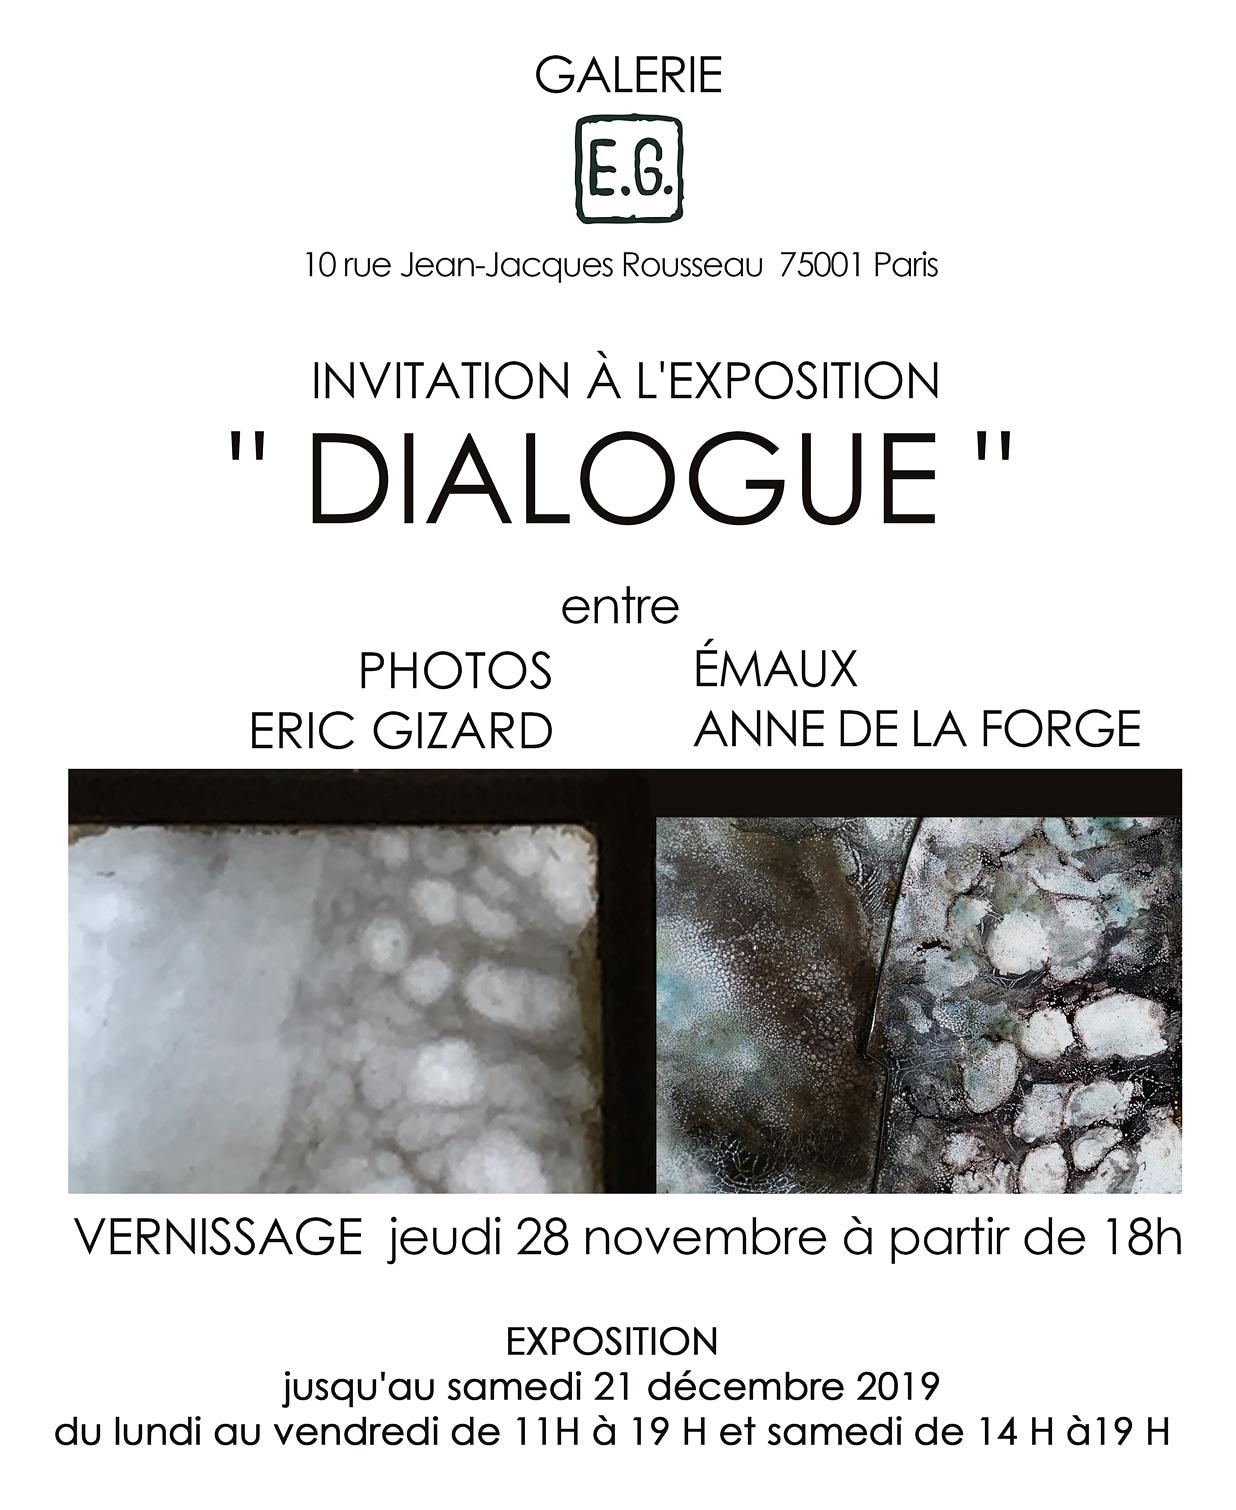 affiche de l'exposition Dialogue fin 2019 début 2020